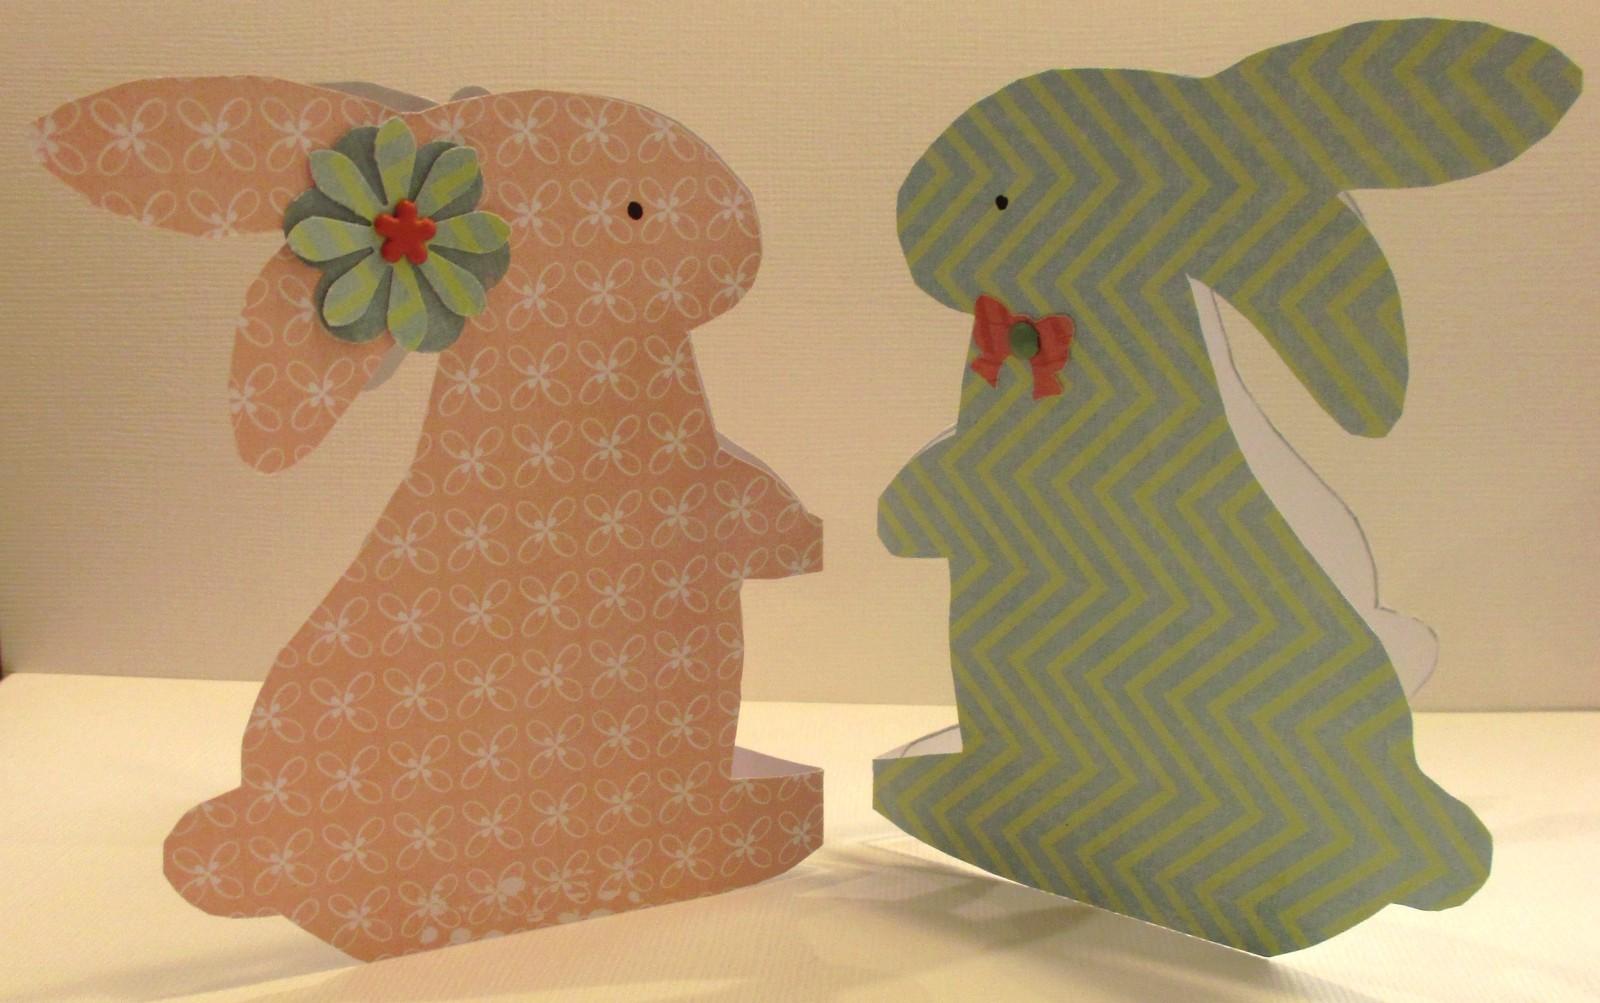 decoration lapin de paques decoration lapin de paques. Black Bedroom Furniture Sets. Home Design Ideas